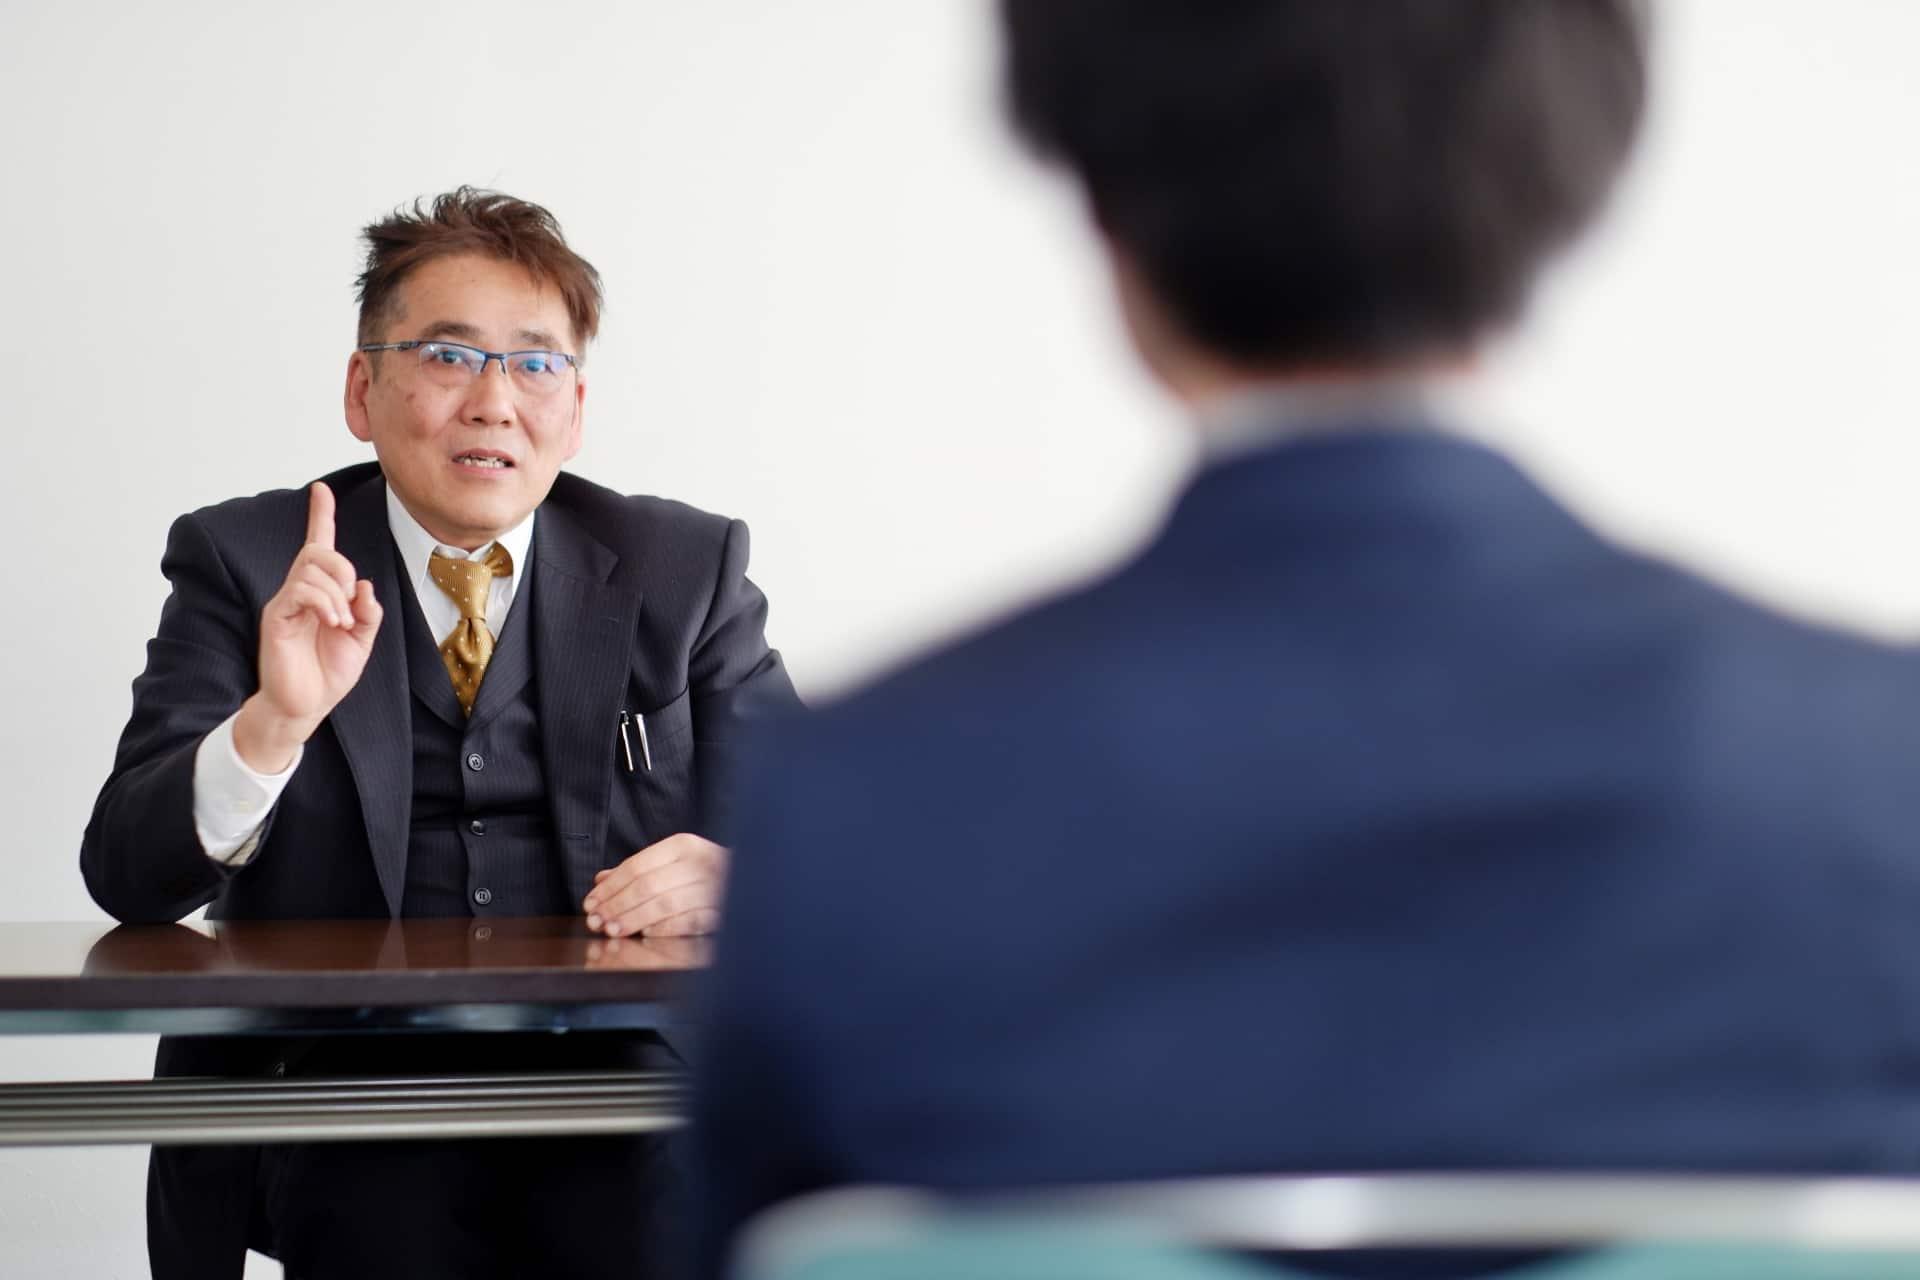 自己紹介を1分で伝えるためには-面接で意識するべき内容とポイントとは-